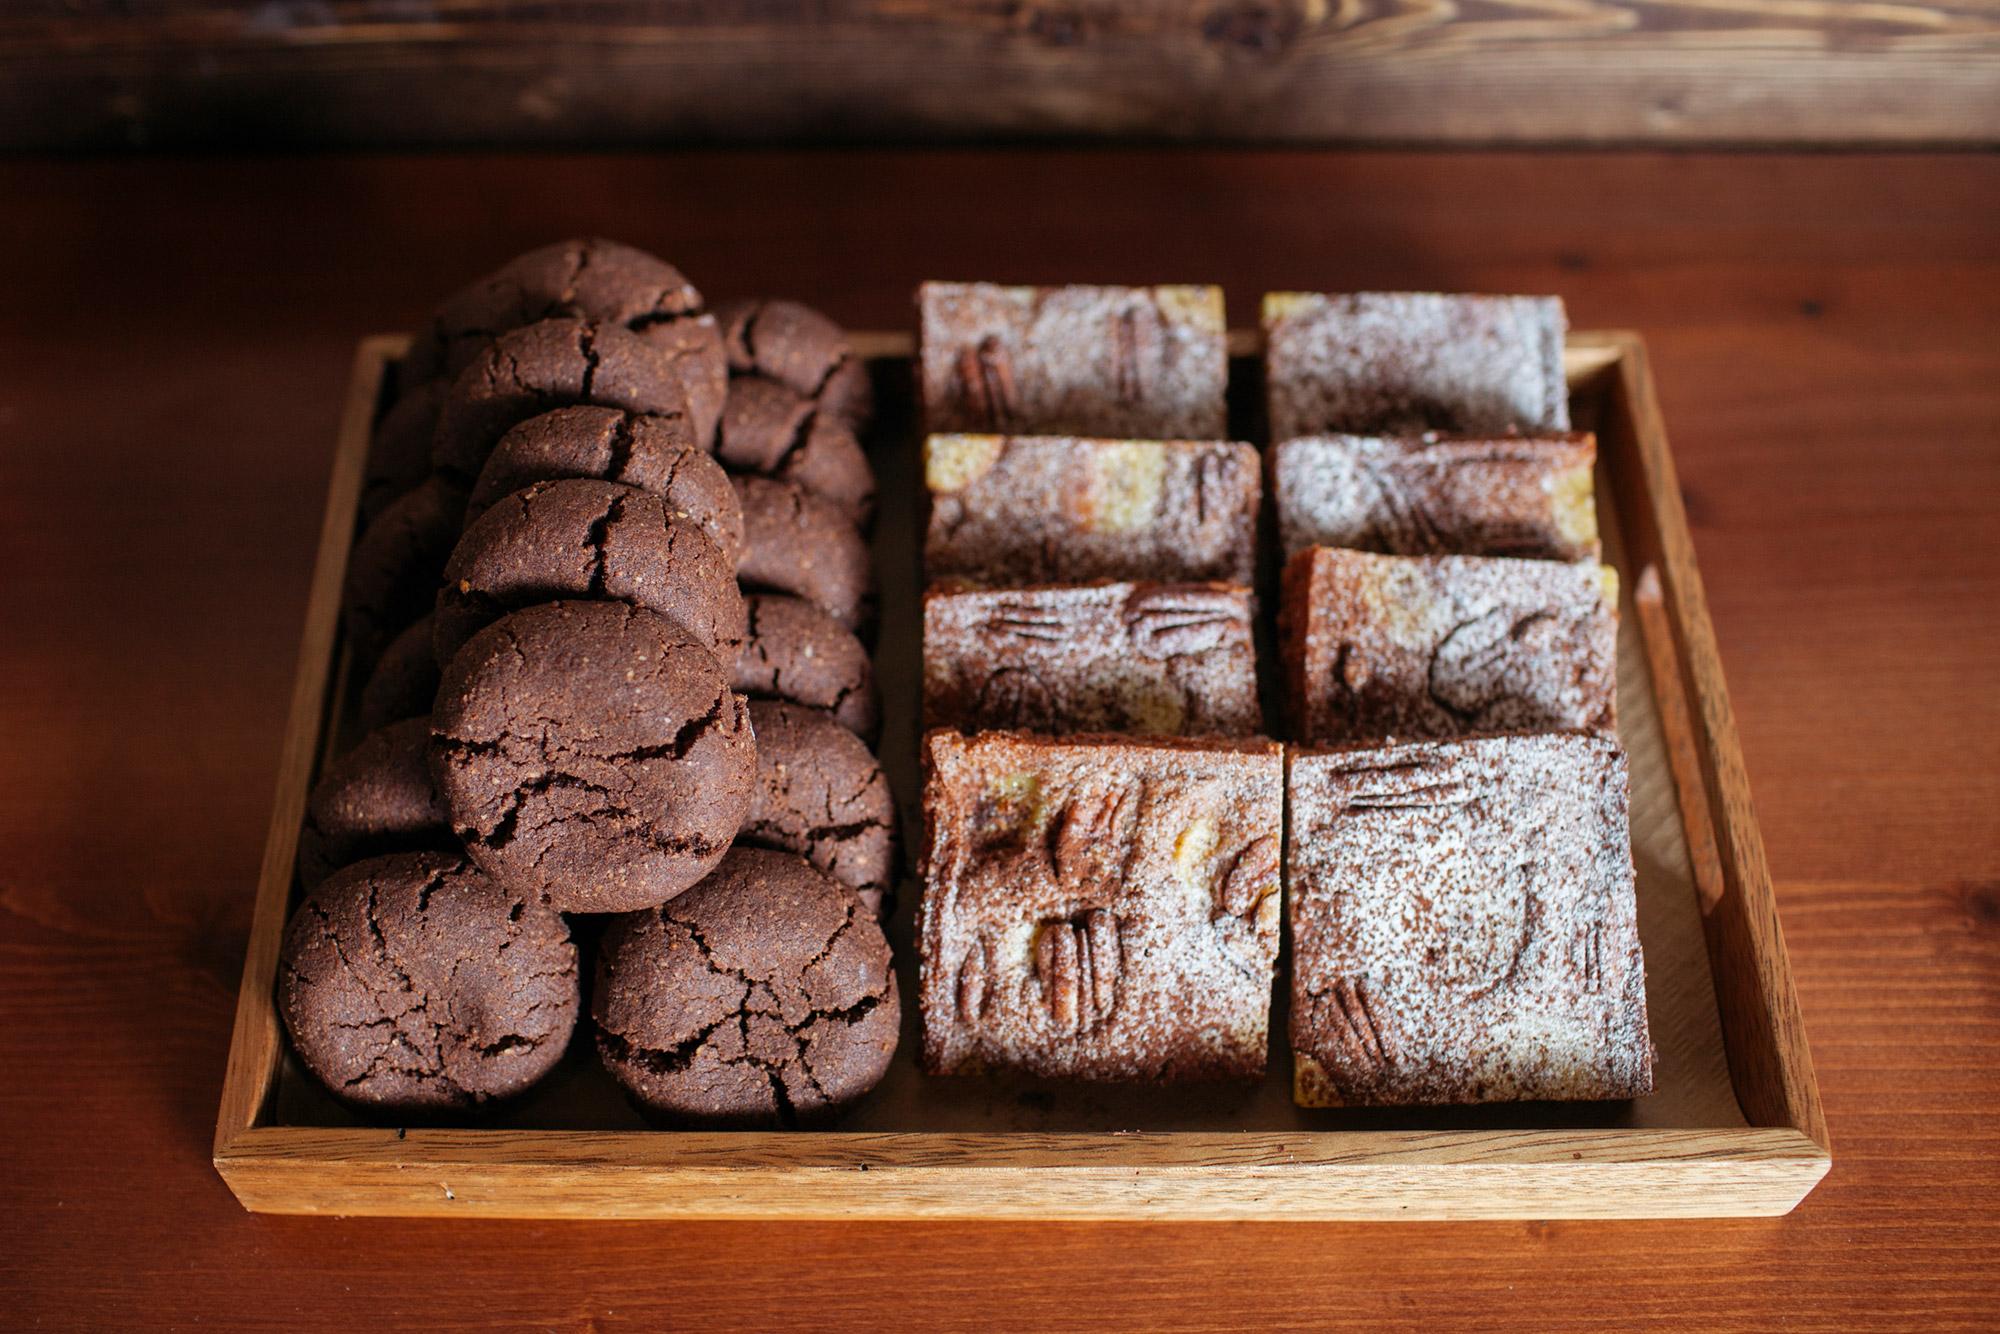 Chocolate y especias, una mezcla sorprendente en un sólo bocado